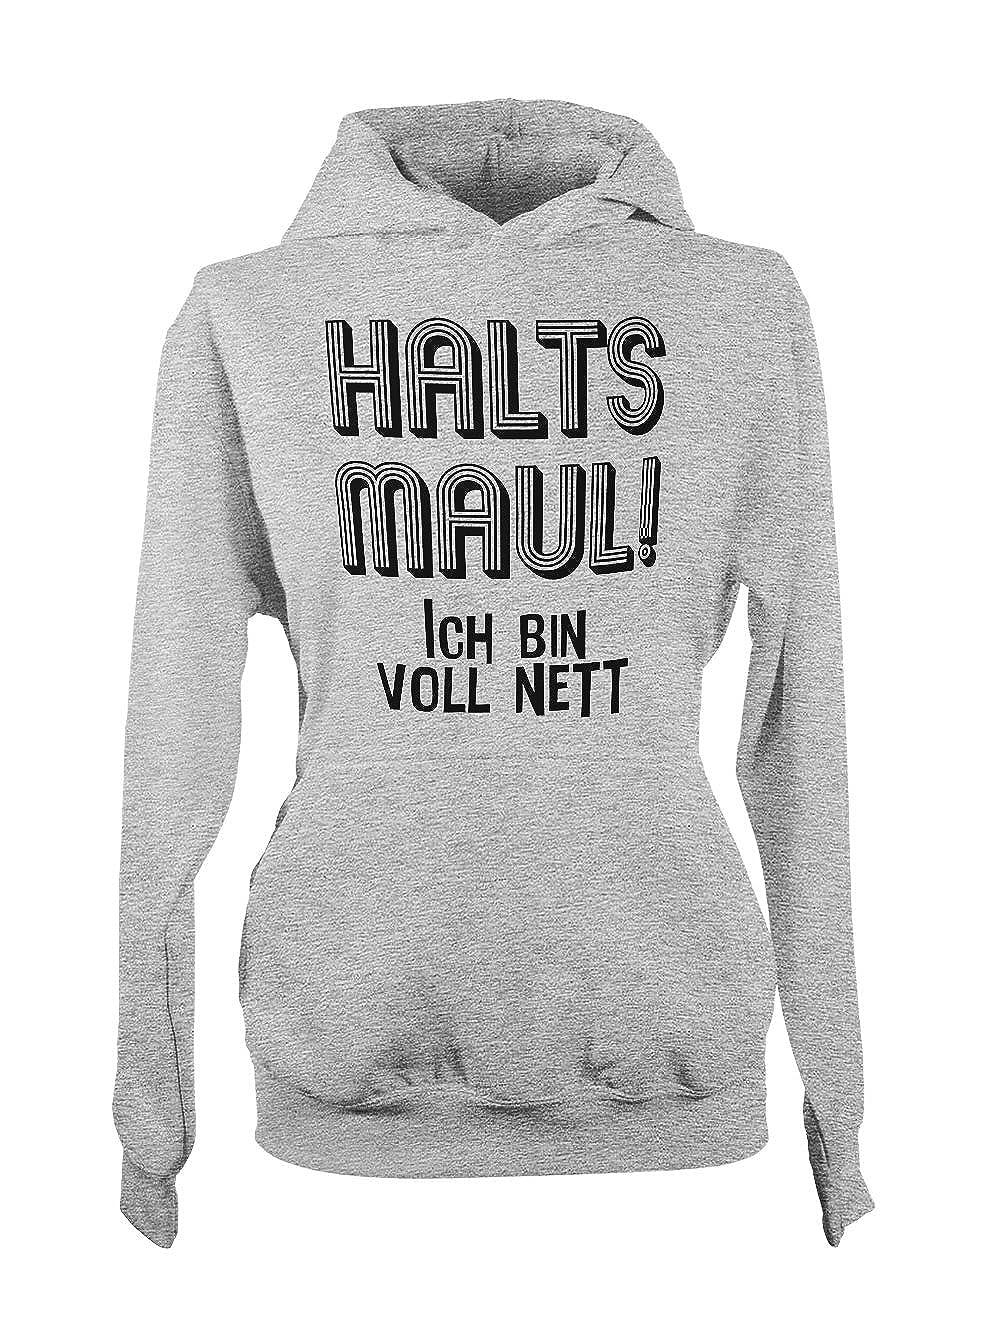 Halts Maul Ich Bin Voll Nett Lustige Sprüche Sweatshirt